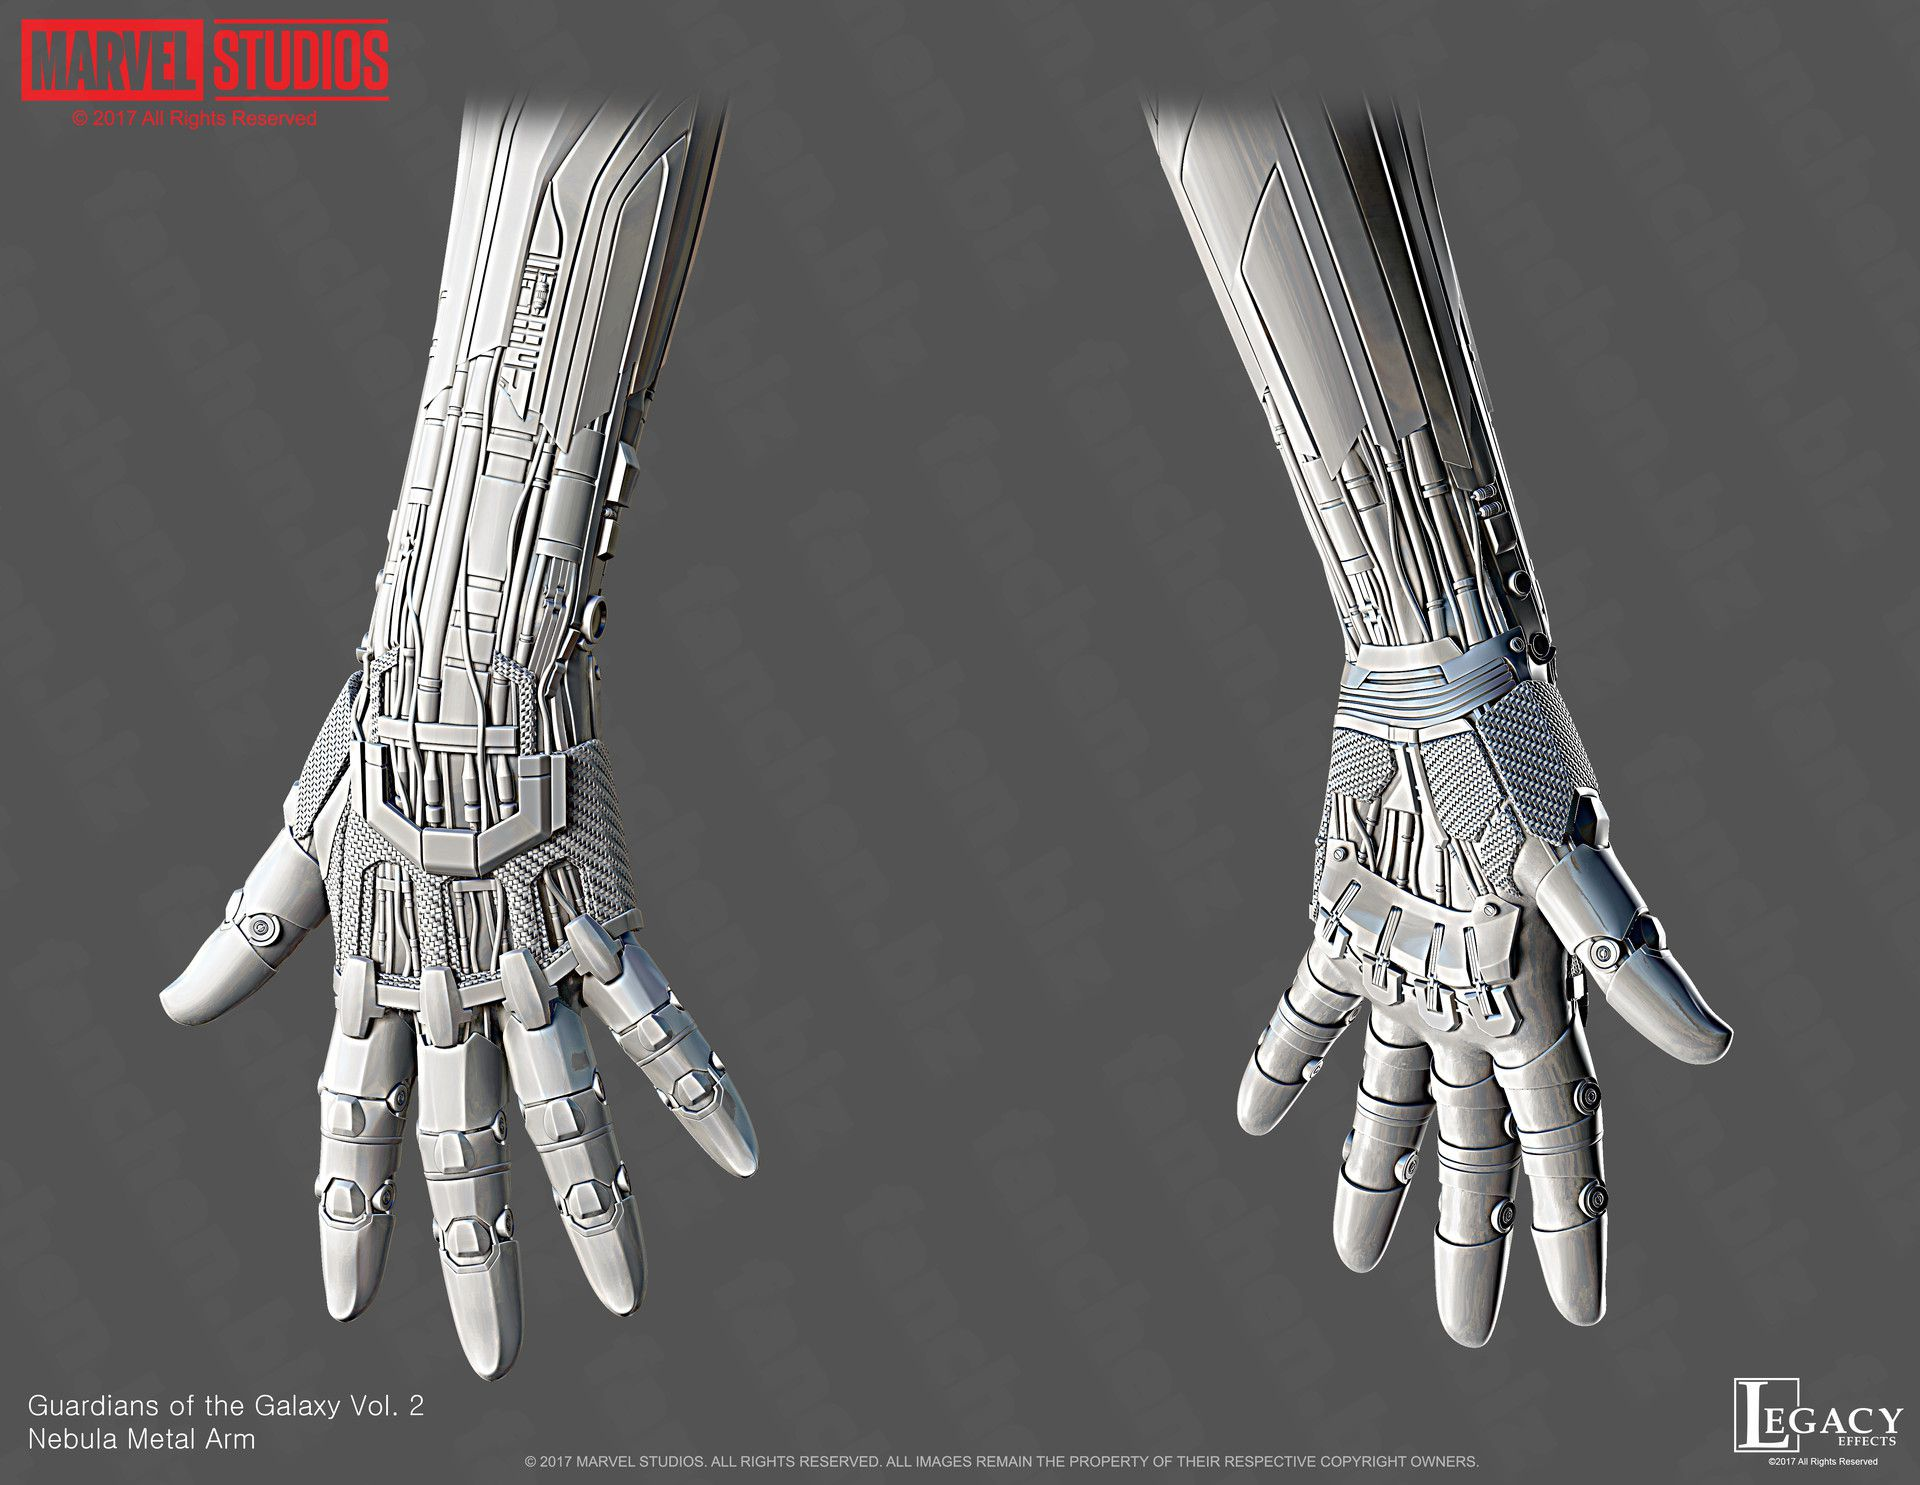 美国艺术家Wonil Song 漫威角色3D作品 59.7M-FANCHENBIZ